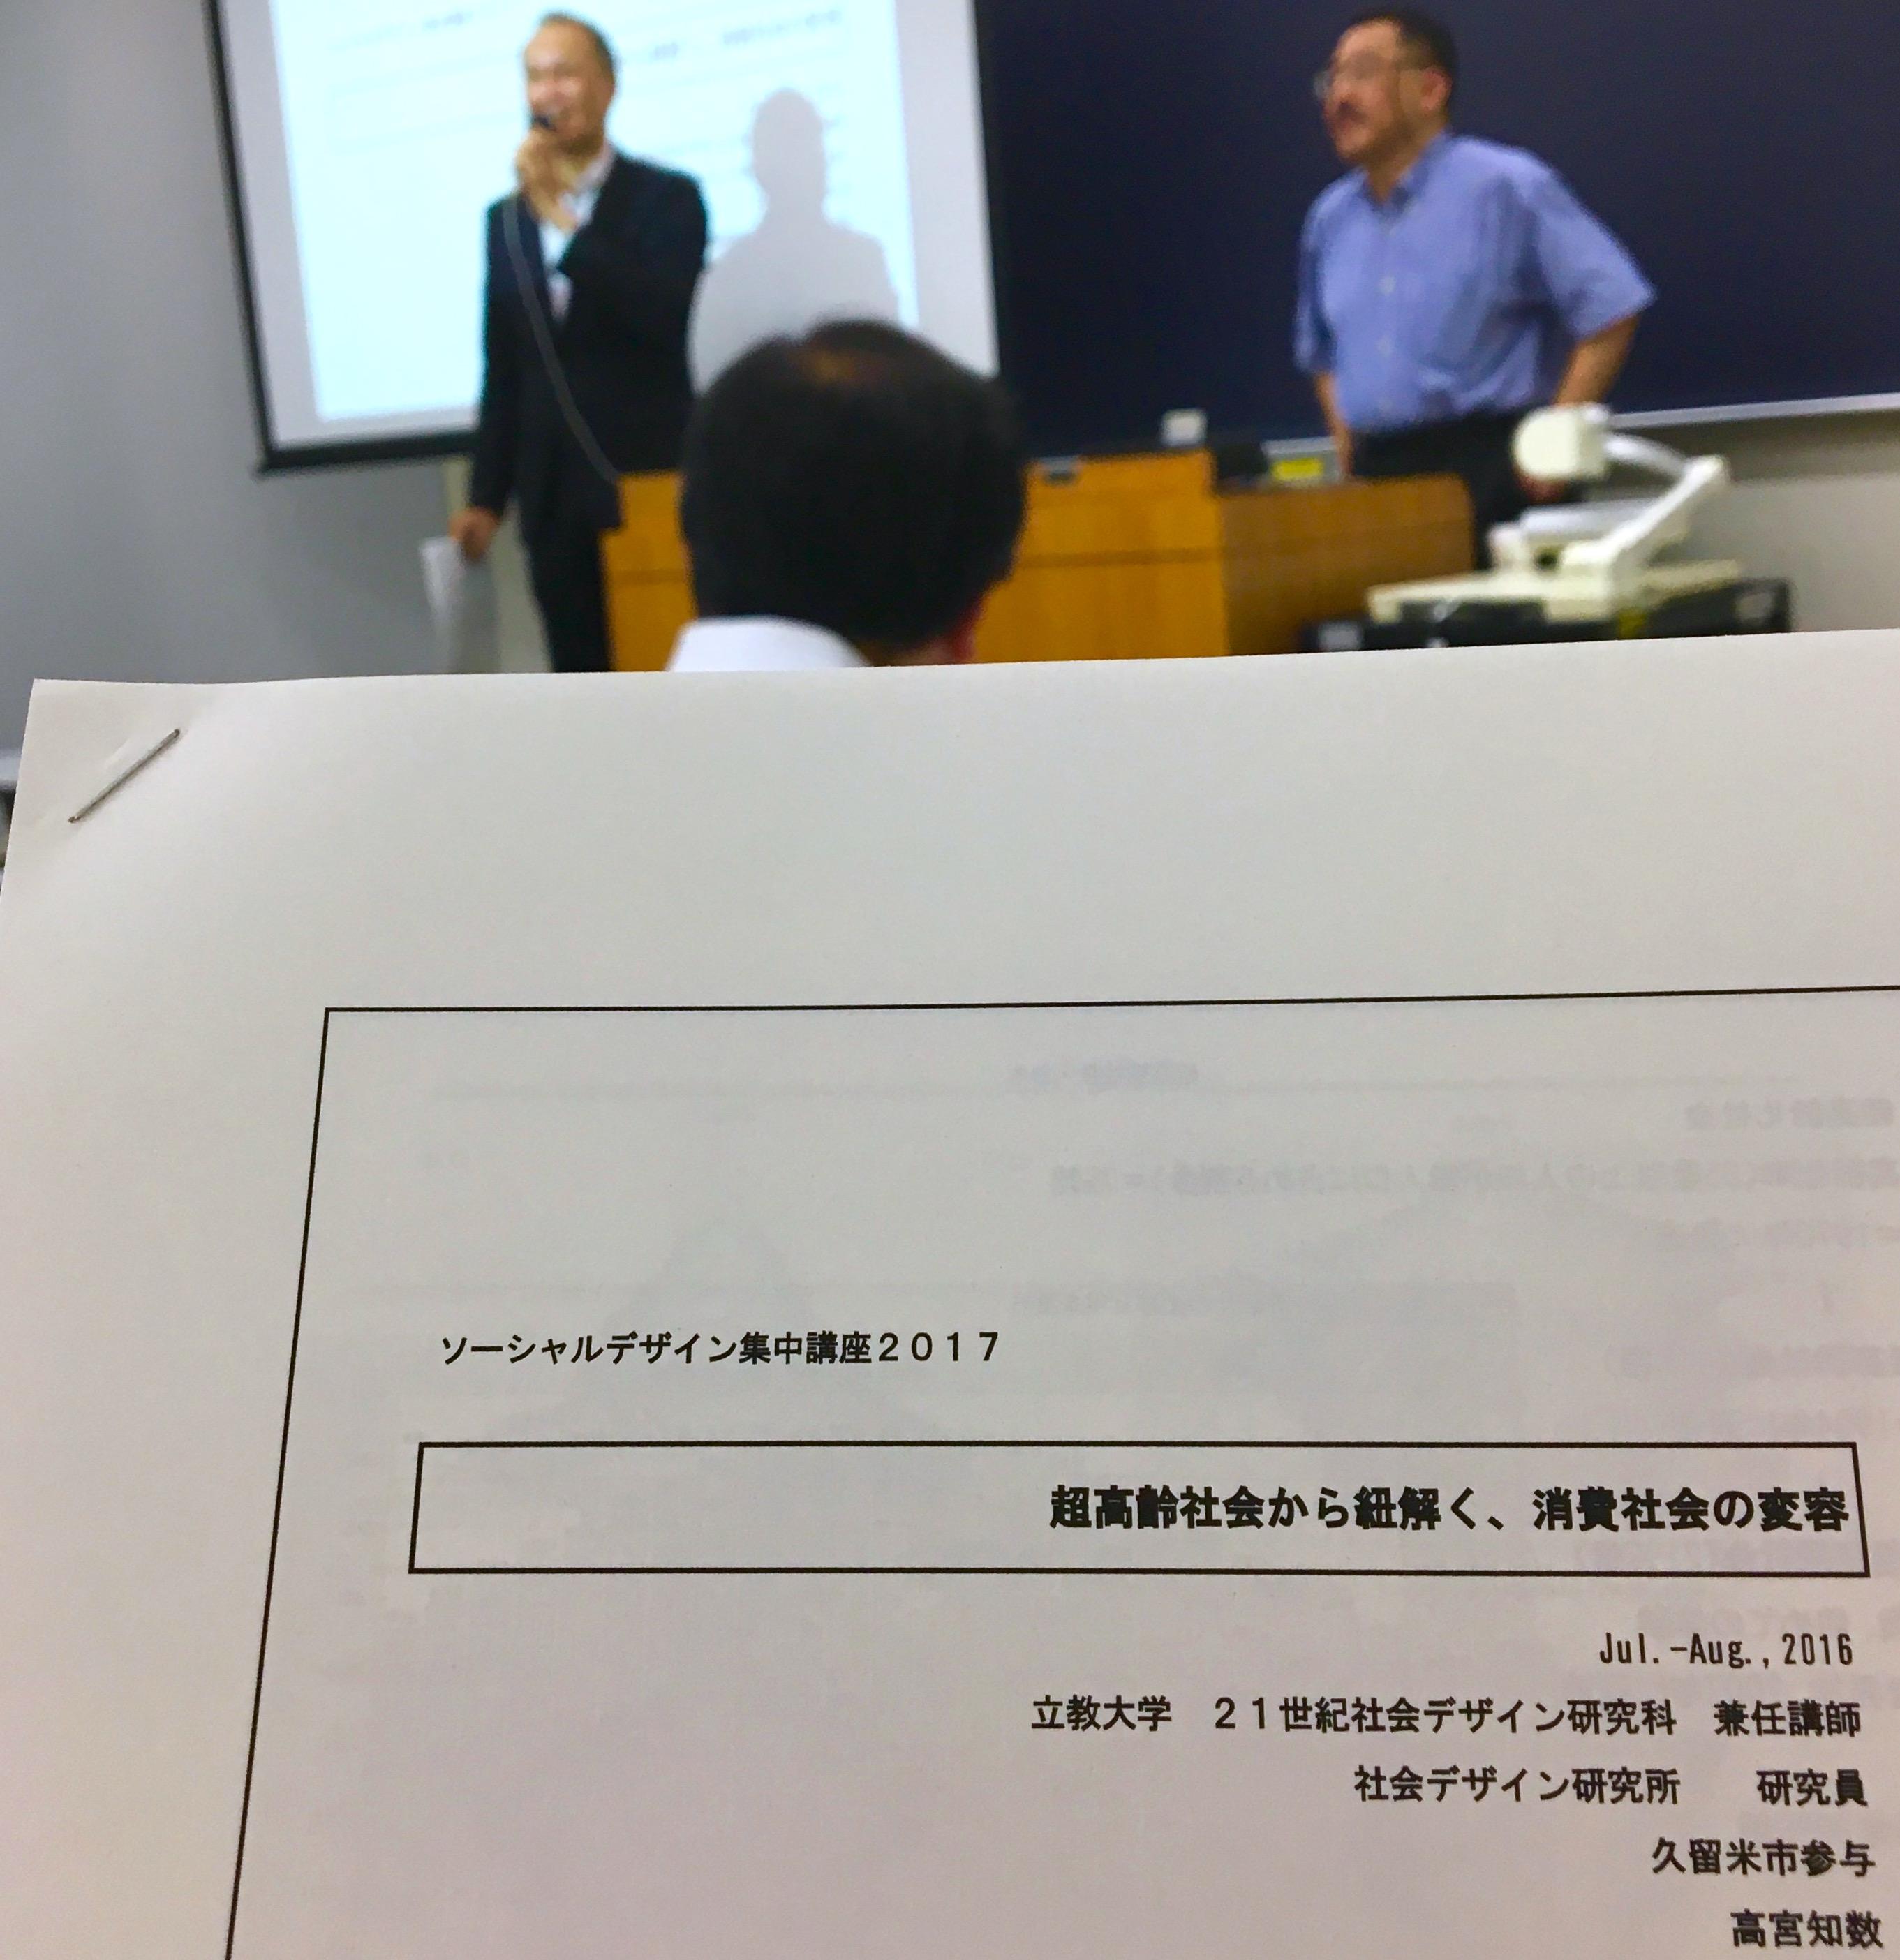 大学院の授業で「南町テラス」のレクチャーを受ける〜朝日新聞デジタル<鎌倉から、ものがたり。>の記事も紹介